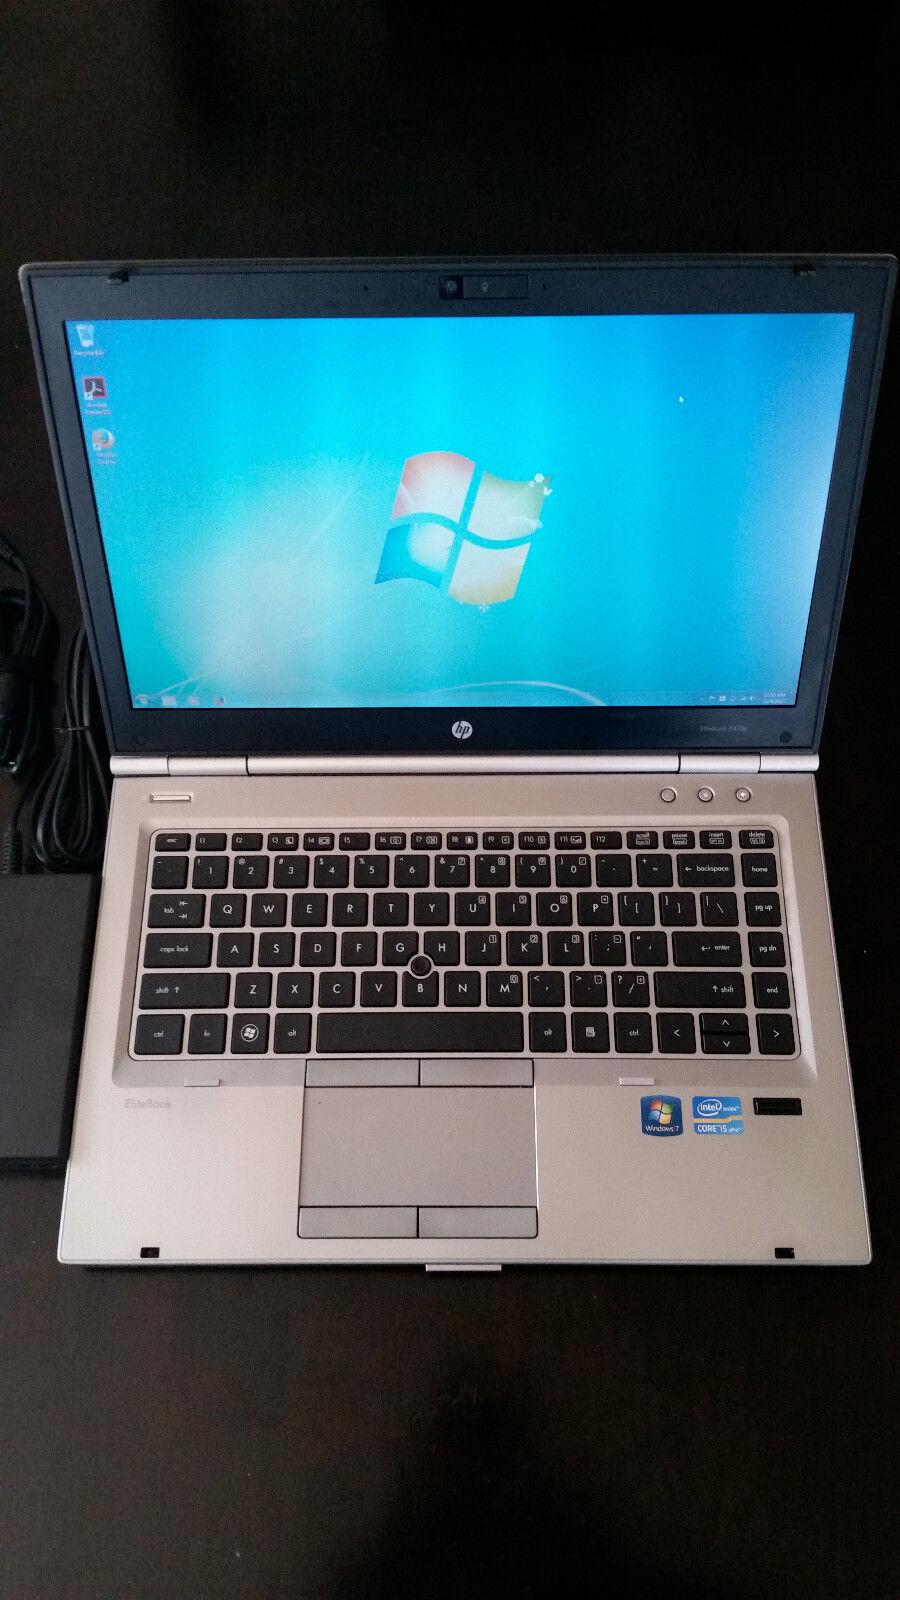 Laptop Windows - HP 8470p LAPTOP WINDOWS 7 PRO CORE-i5 8GB 320GB CDRW/DVD WIFI WEBCAM NOTEBOOK PC